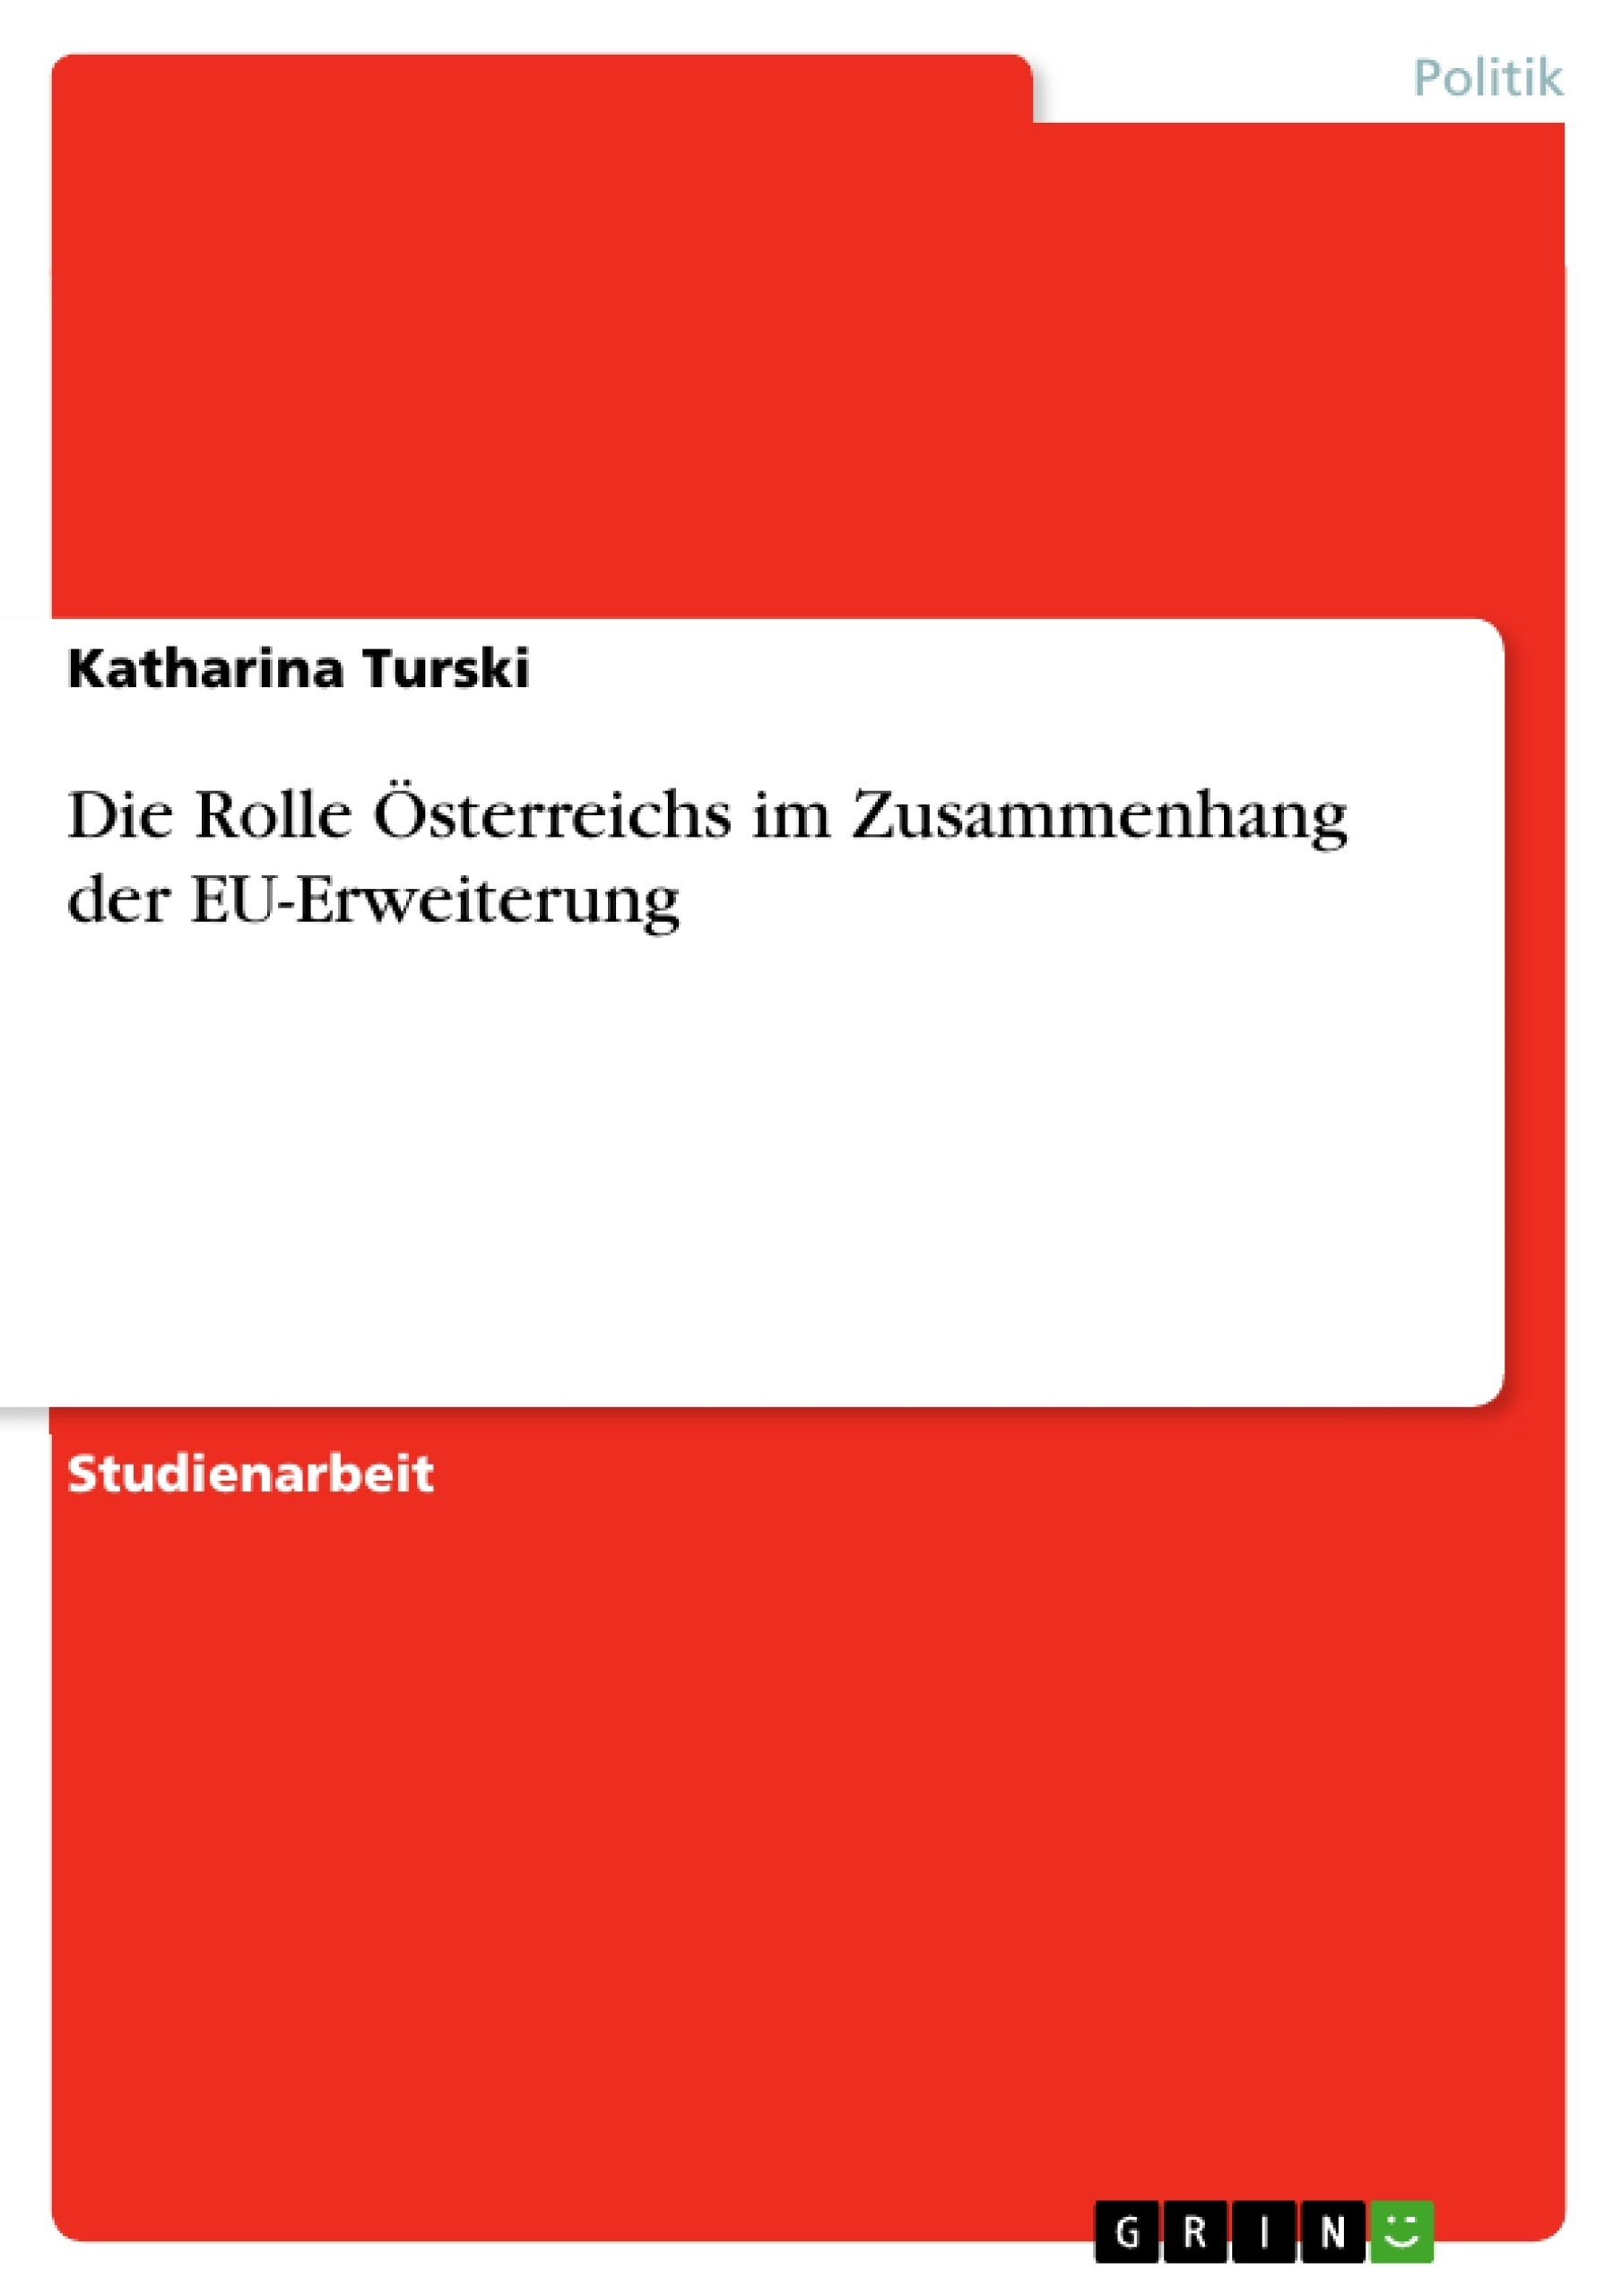 Titel: Die Rolle Österreichs im Zusammenhang der EU-Erweiterung